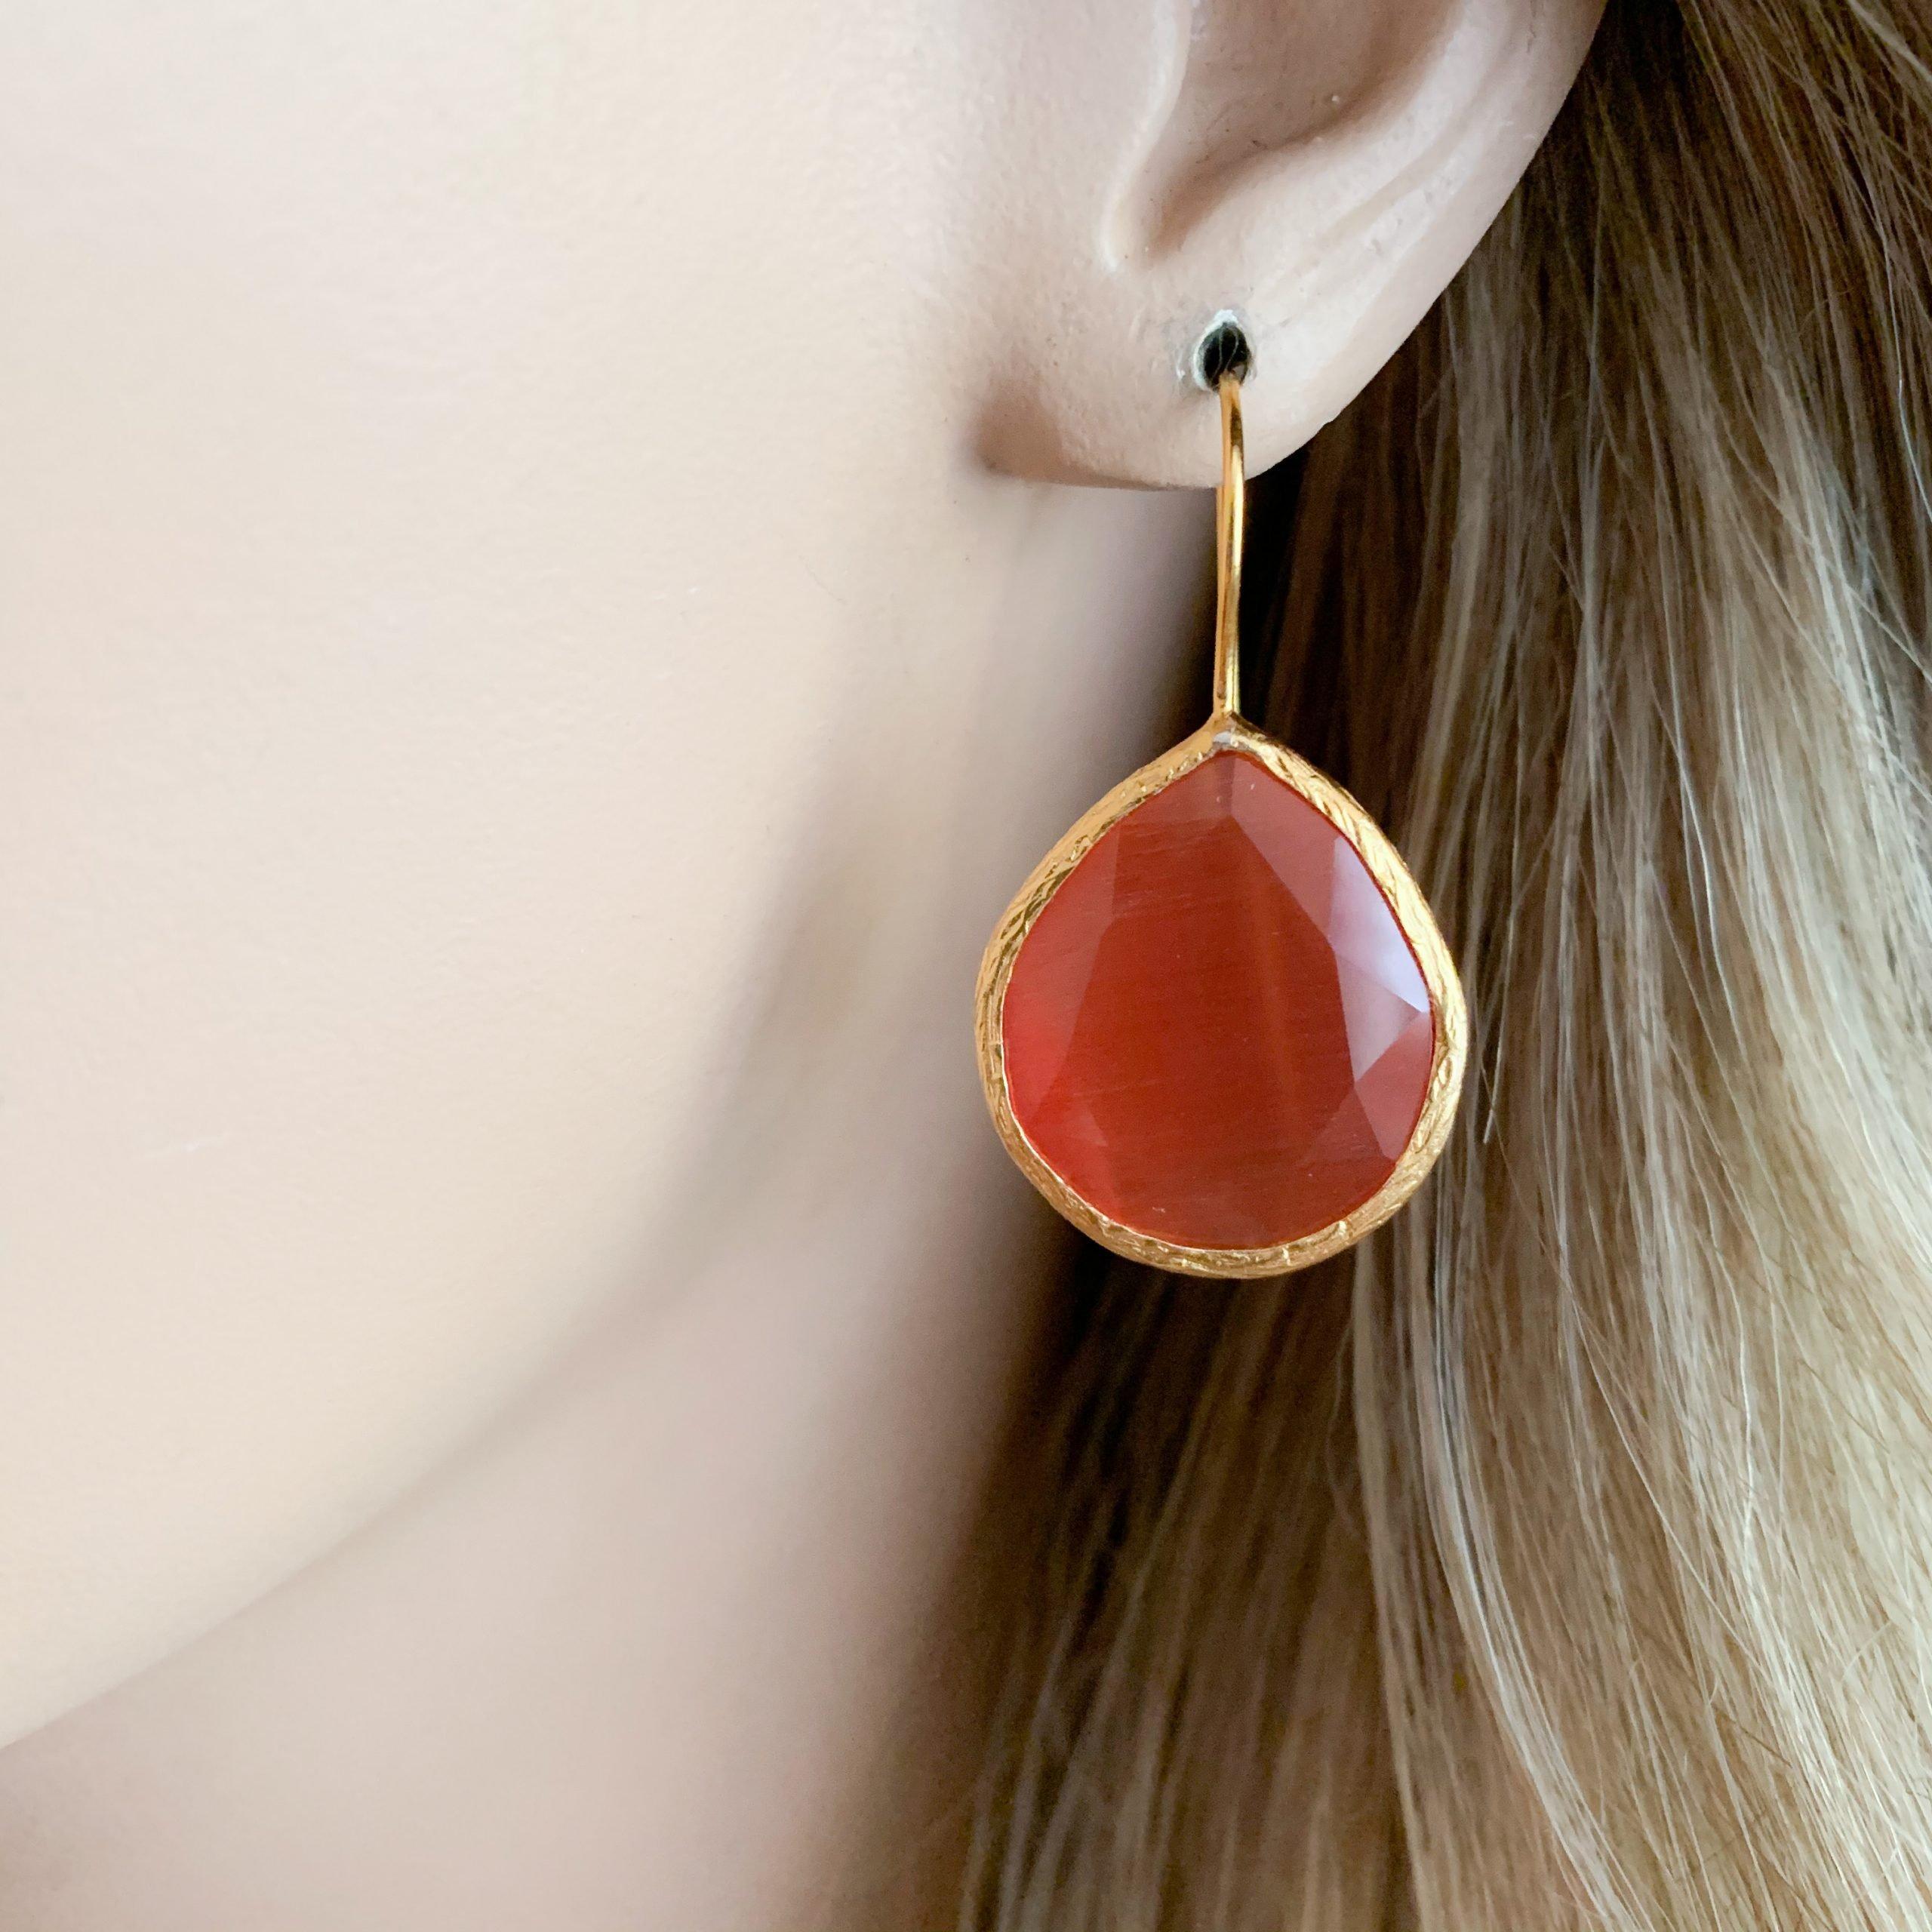 Rood/oranje cat's eye oorbellen